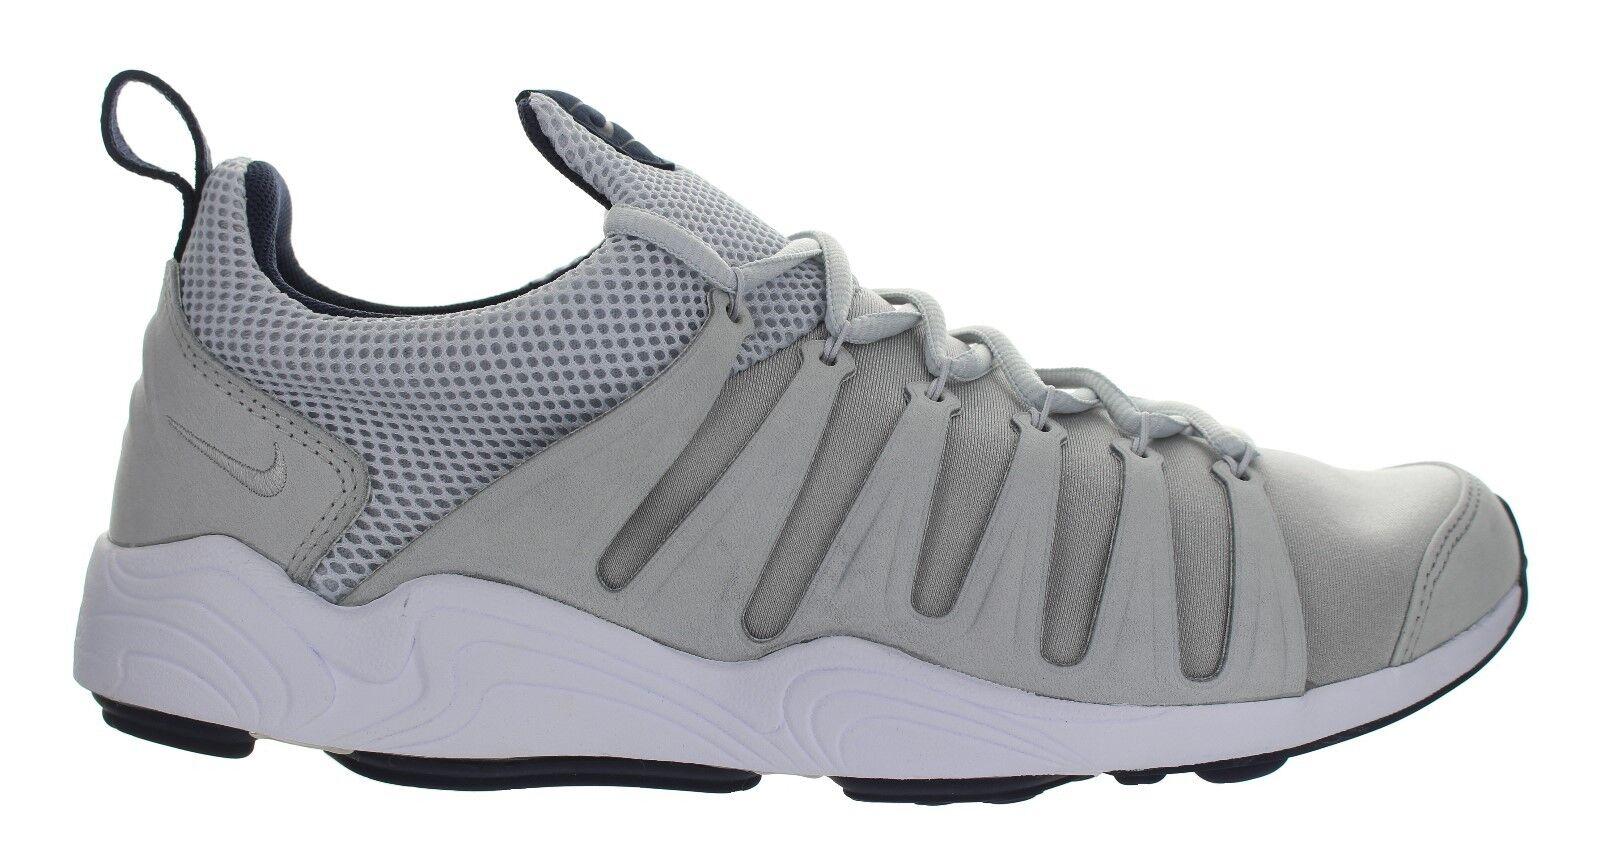 quality design cddce 40d5c Nike Hombre Air Zoom spirimic Platinum zapatillas de de de entrenamiento de  multiples comoda marca de